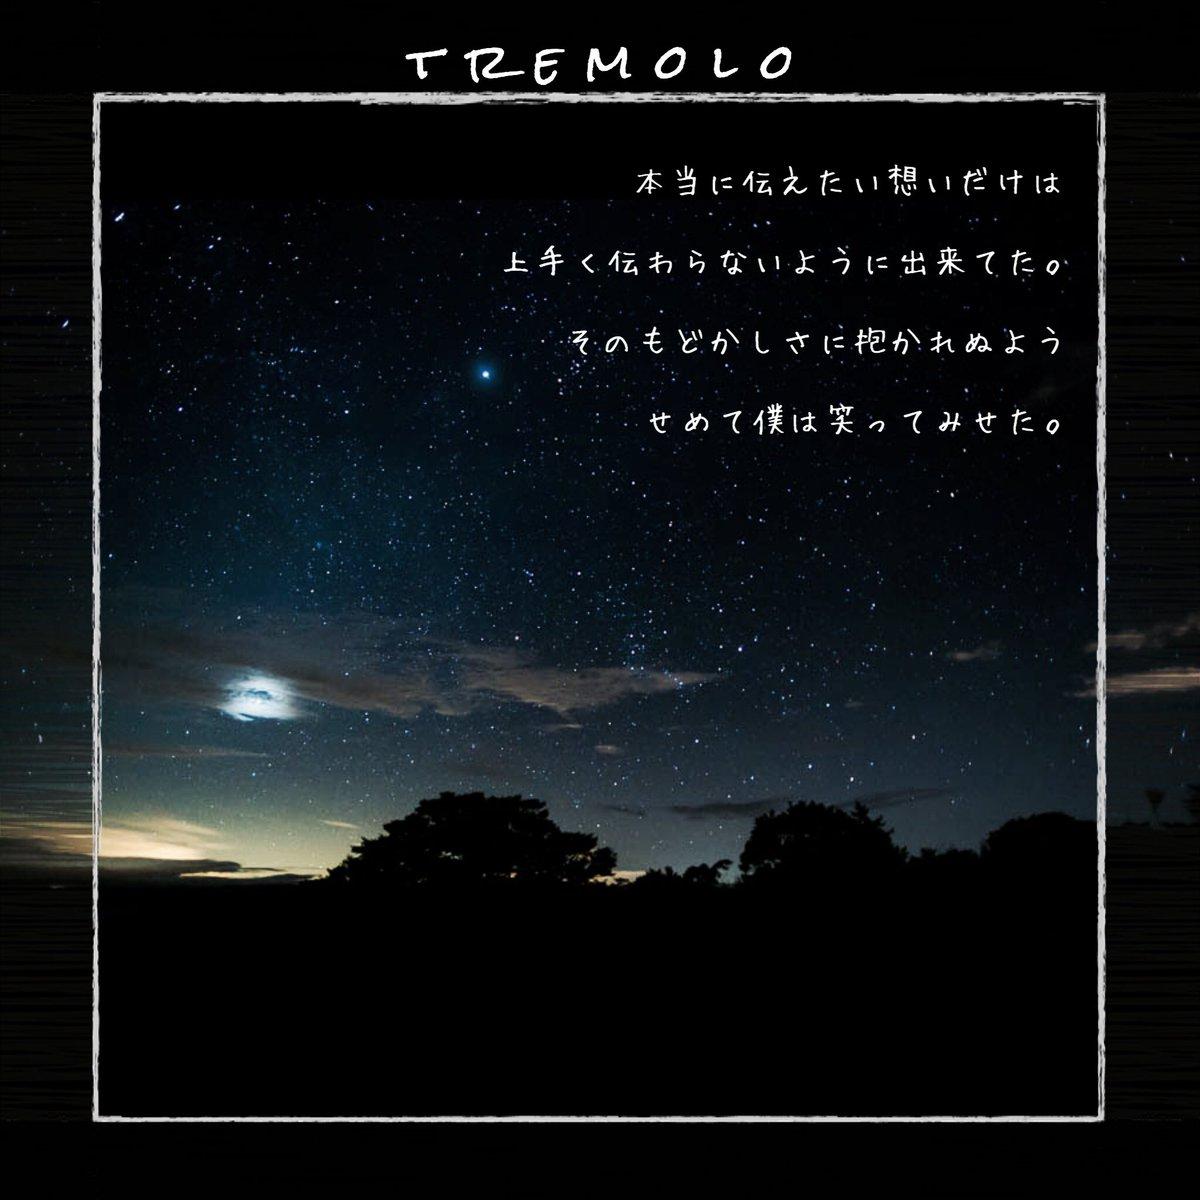 トレモロ 歌詞